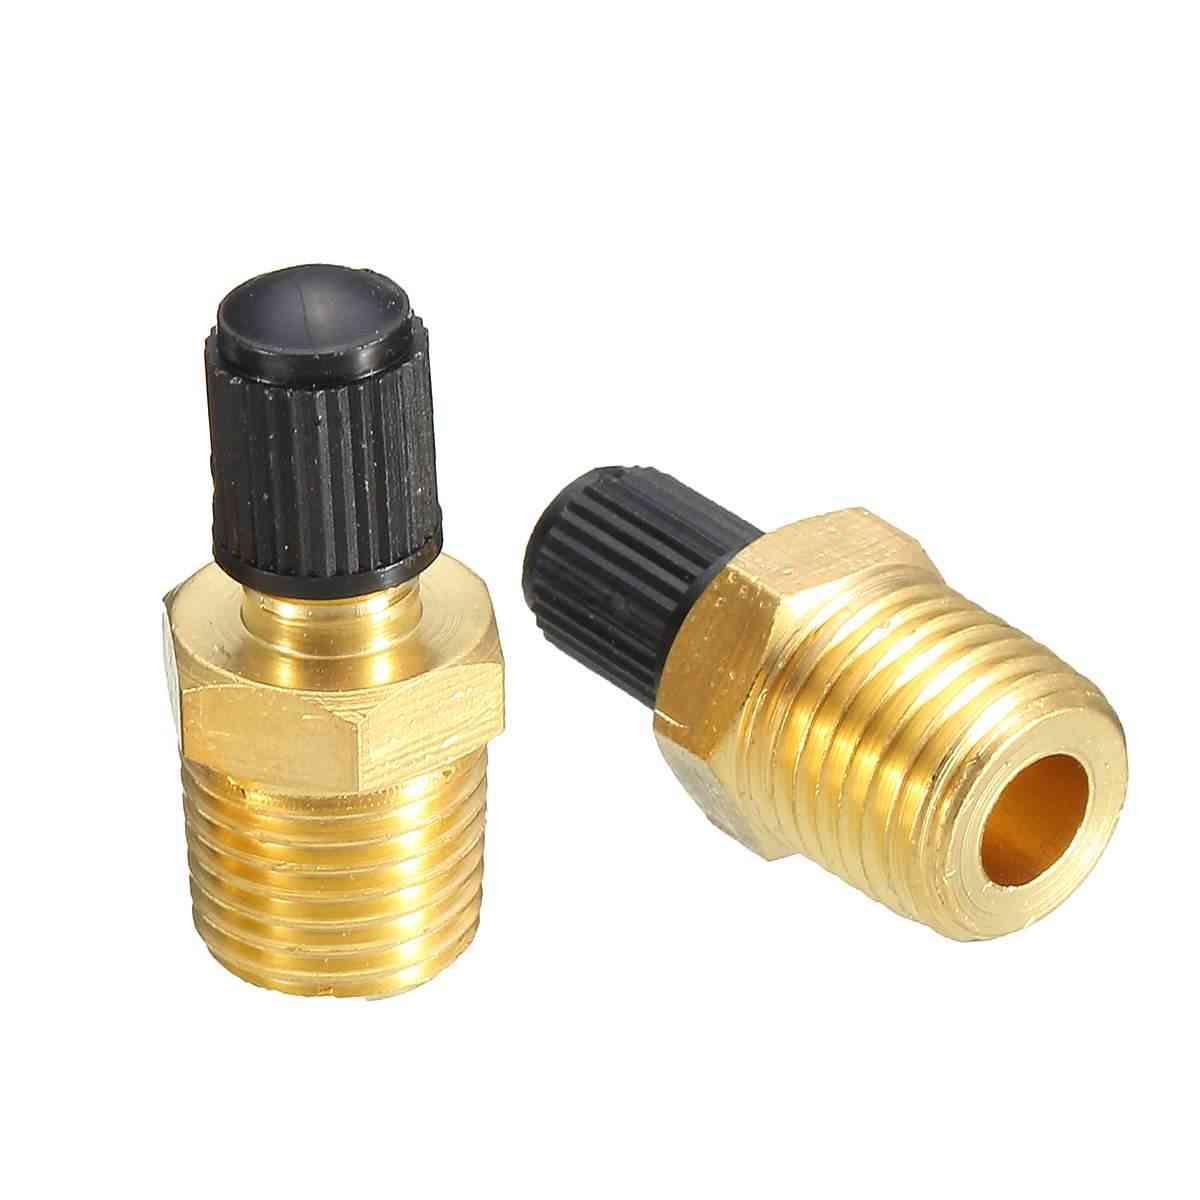 Npt Mpt Brass Air Compressor Tank Fill Valve Schrader Brass-valves & Parts